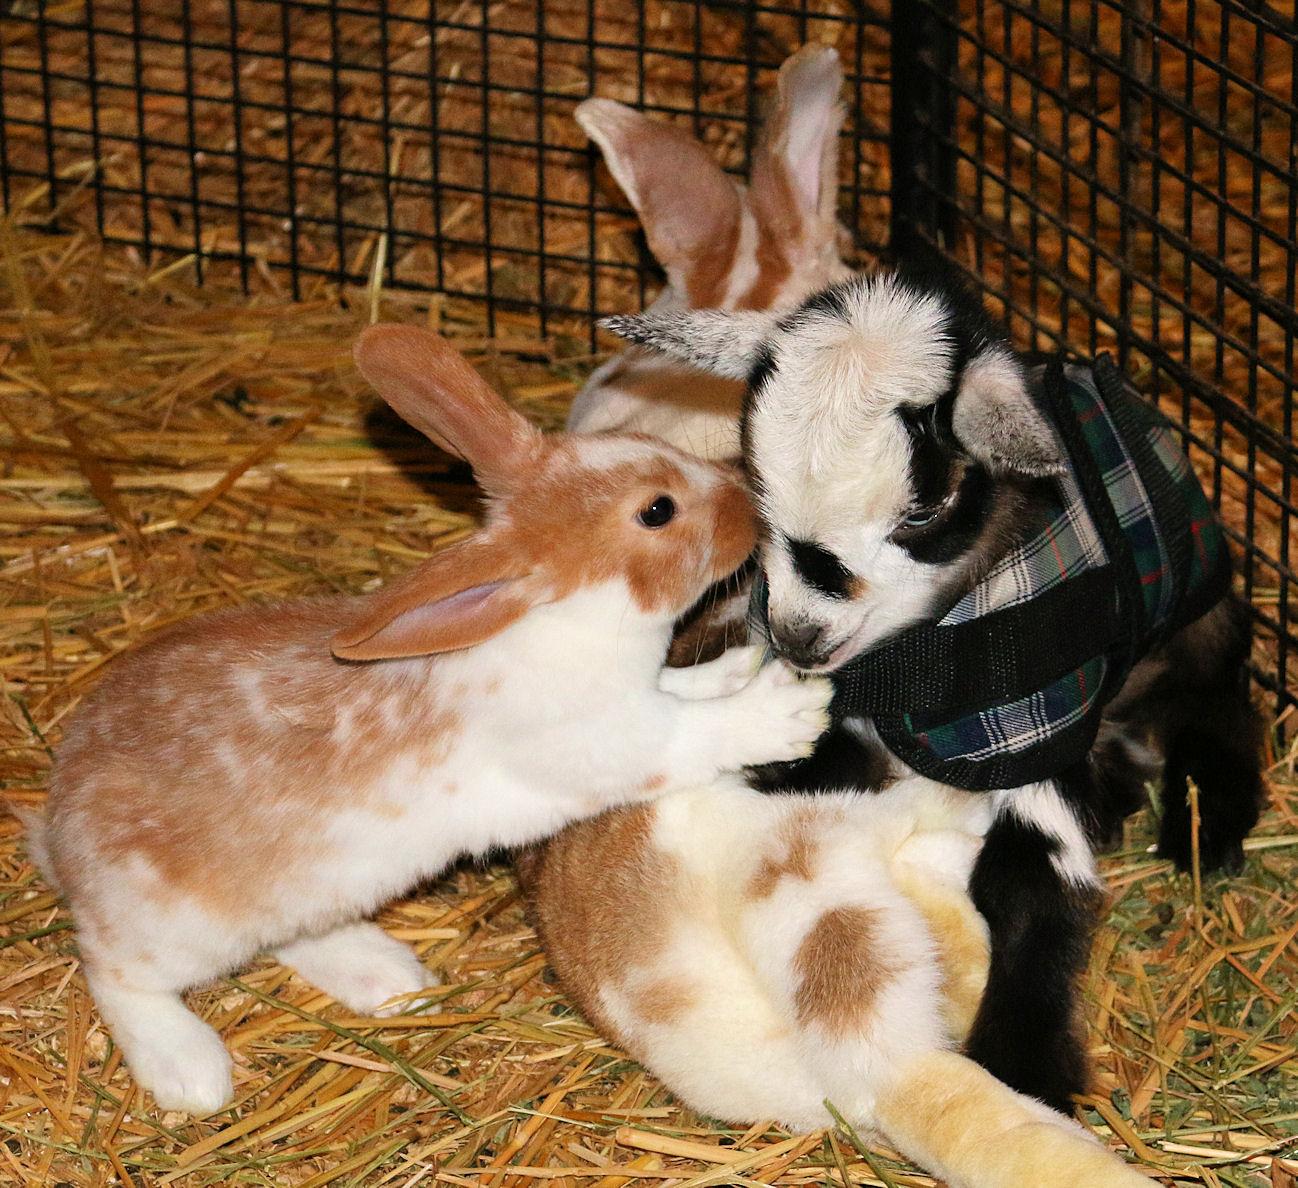 Triumph gets bunny kisses